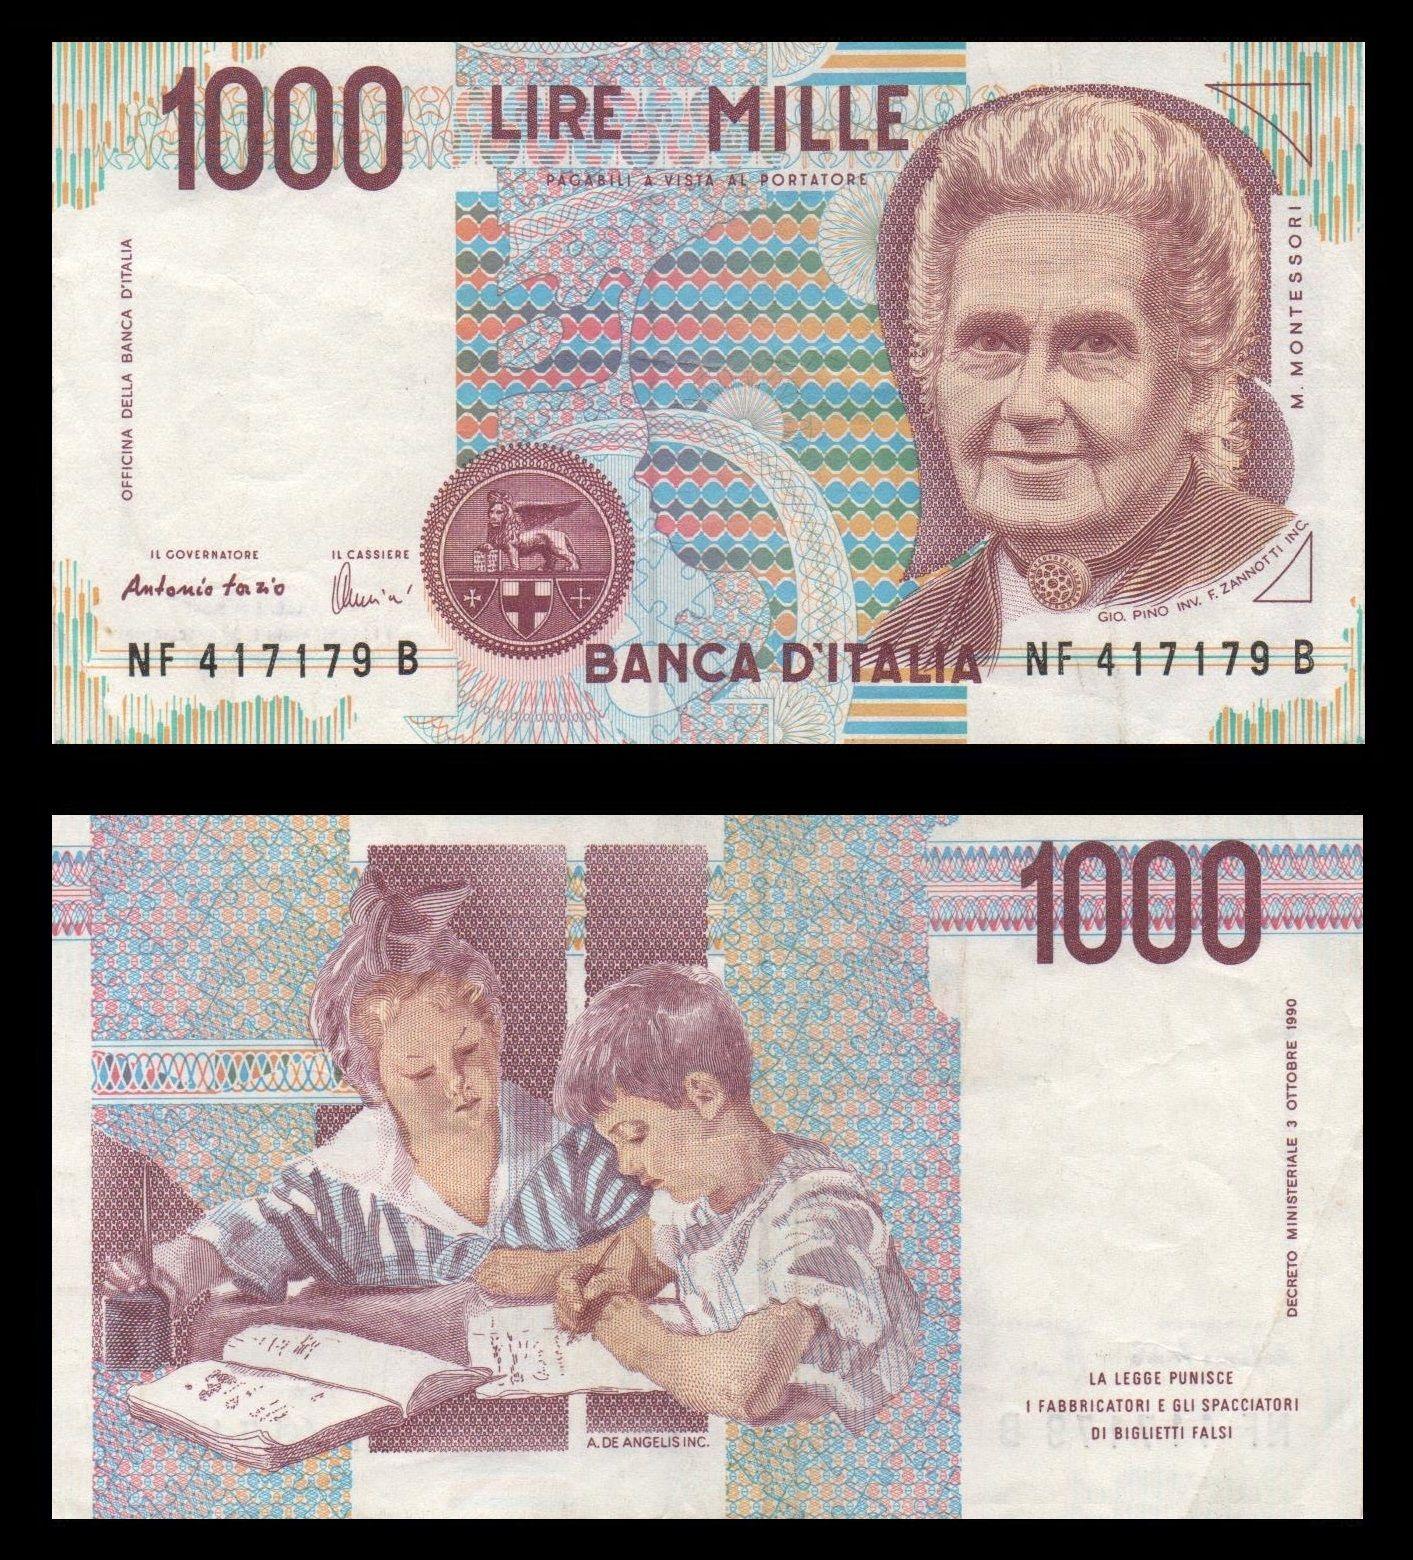 Maria Montessori - w uznaniu za swe zasługi - trafiła nawet do włoskich portfeli (skan: F l a n k e r, lic. CC BY-SA 3.0).